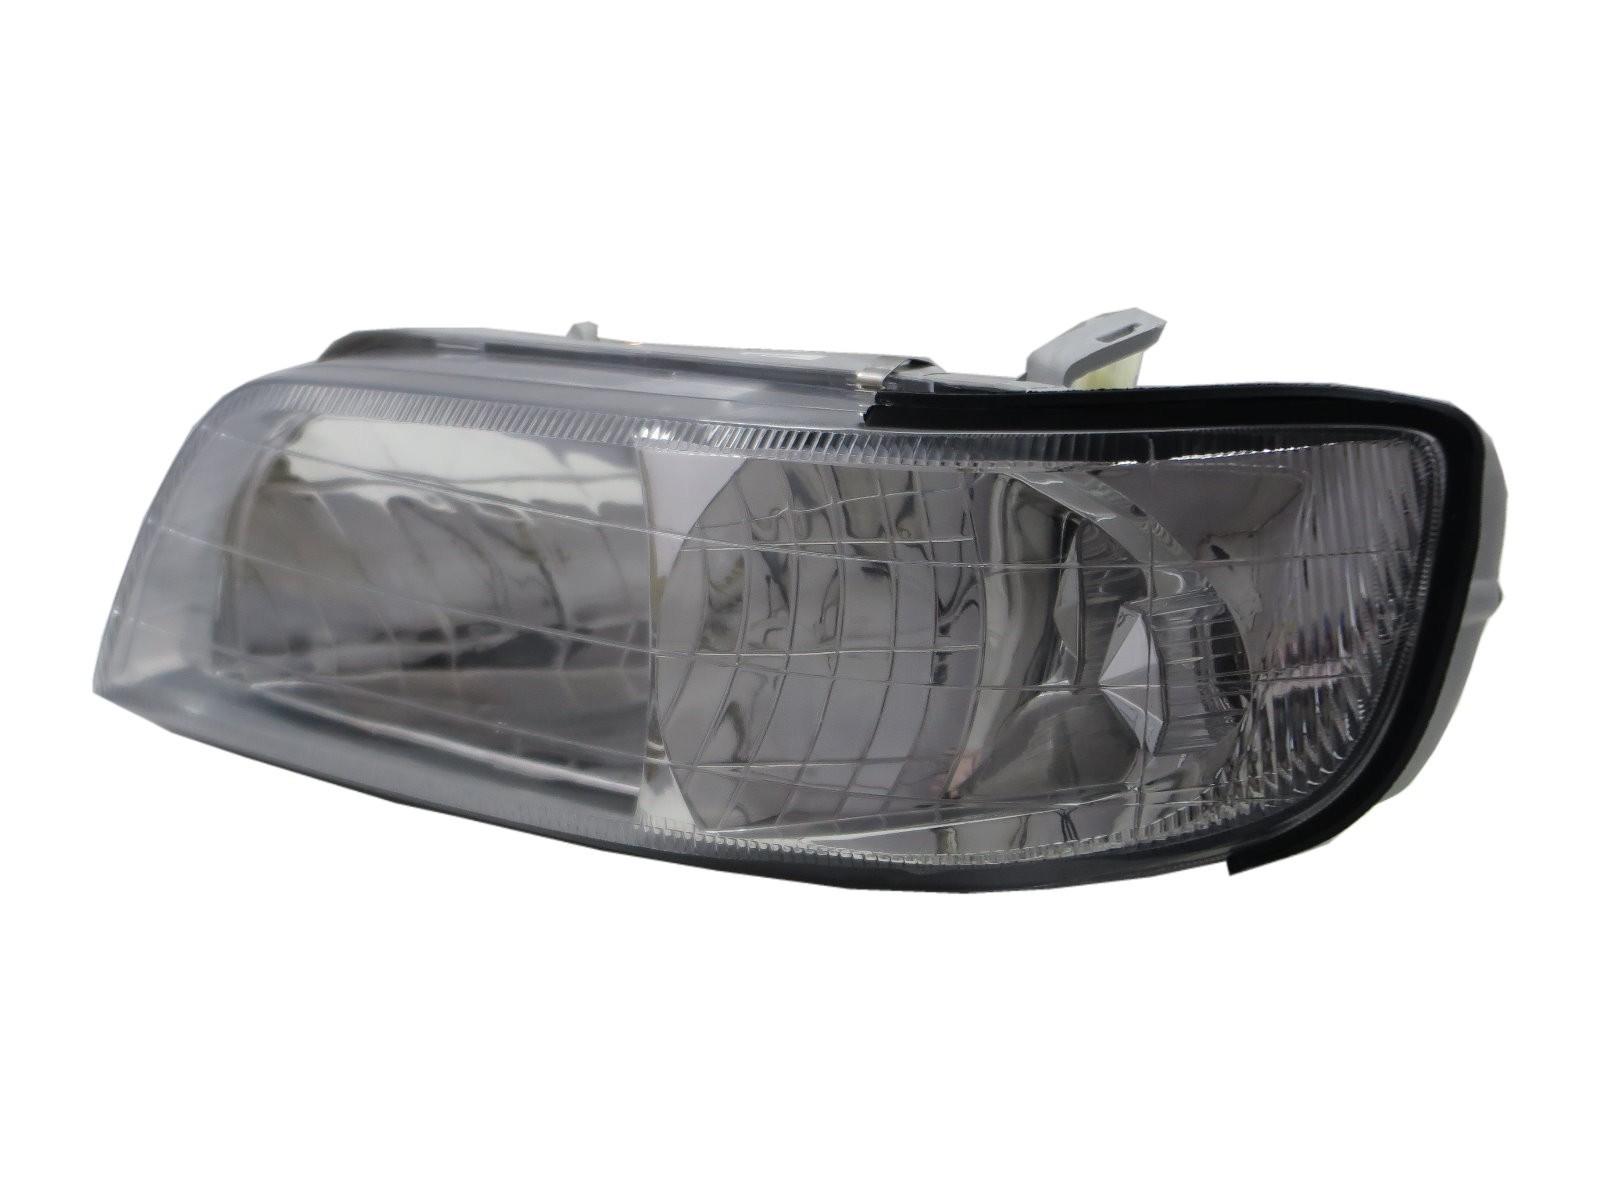 CEFIRO A32 1995-1998 Sedan 4D Crystal Headlight BLACK for NISSAN LHD